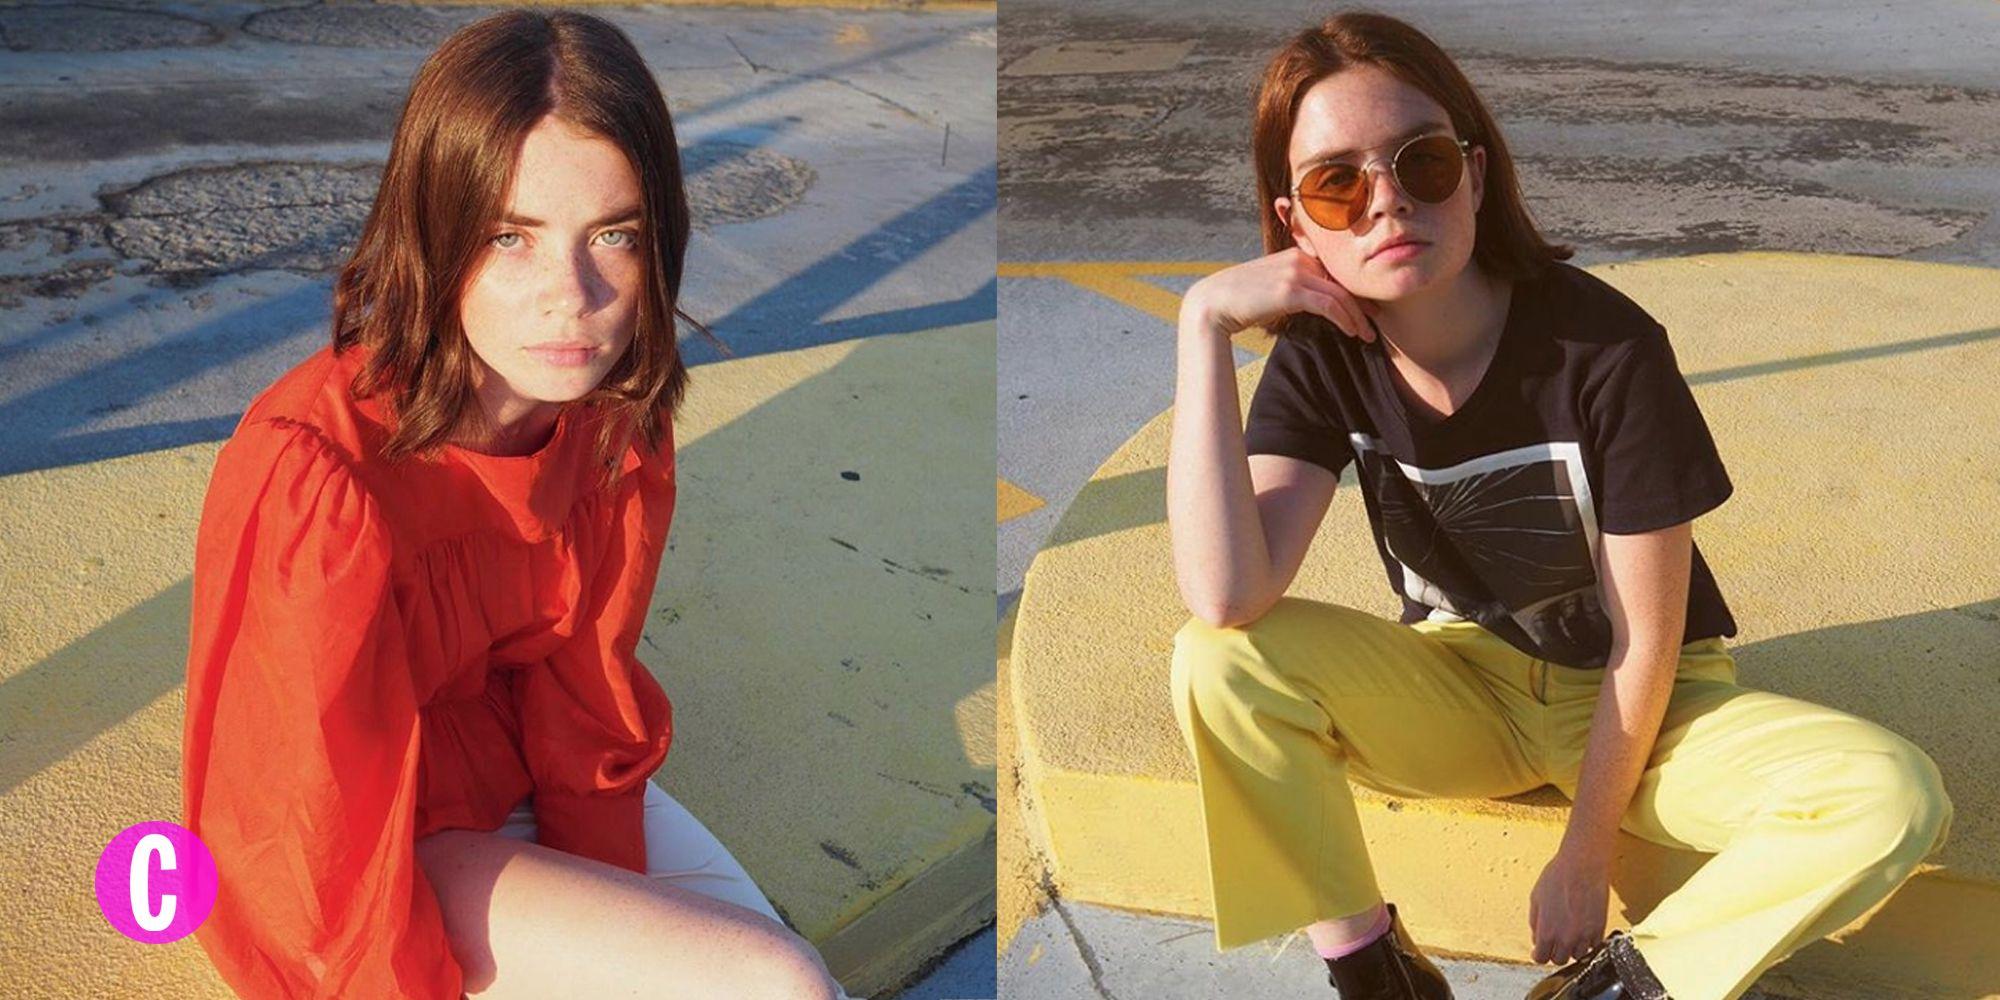 Sono gemelle, hanno lo stesso taglio di capelli e uno stile moderno tutto da copiare, sono le blogger moda da tenere d'occhio.